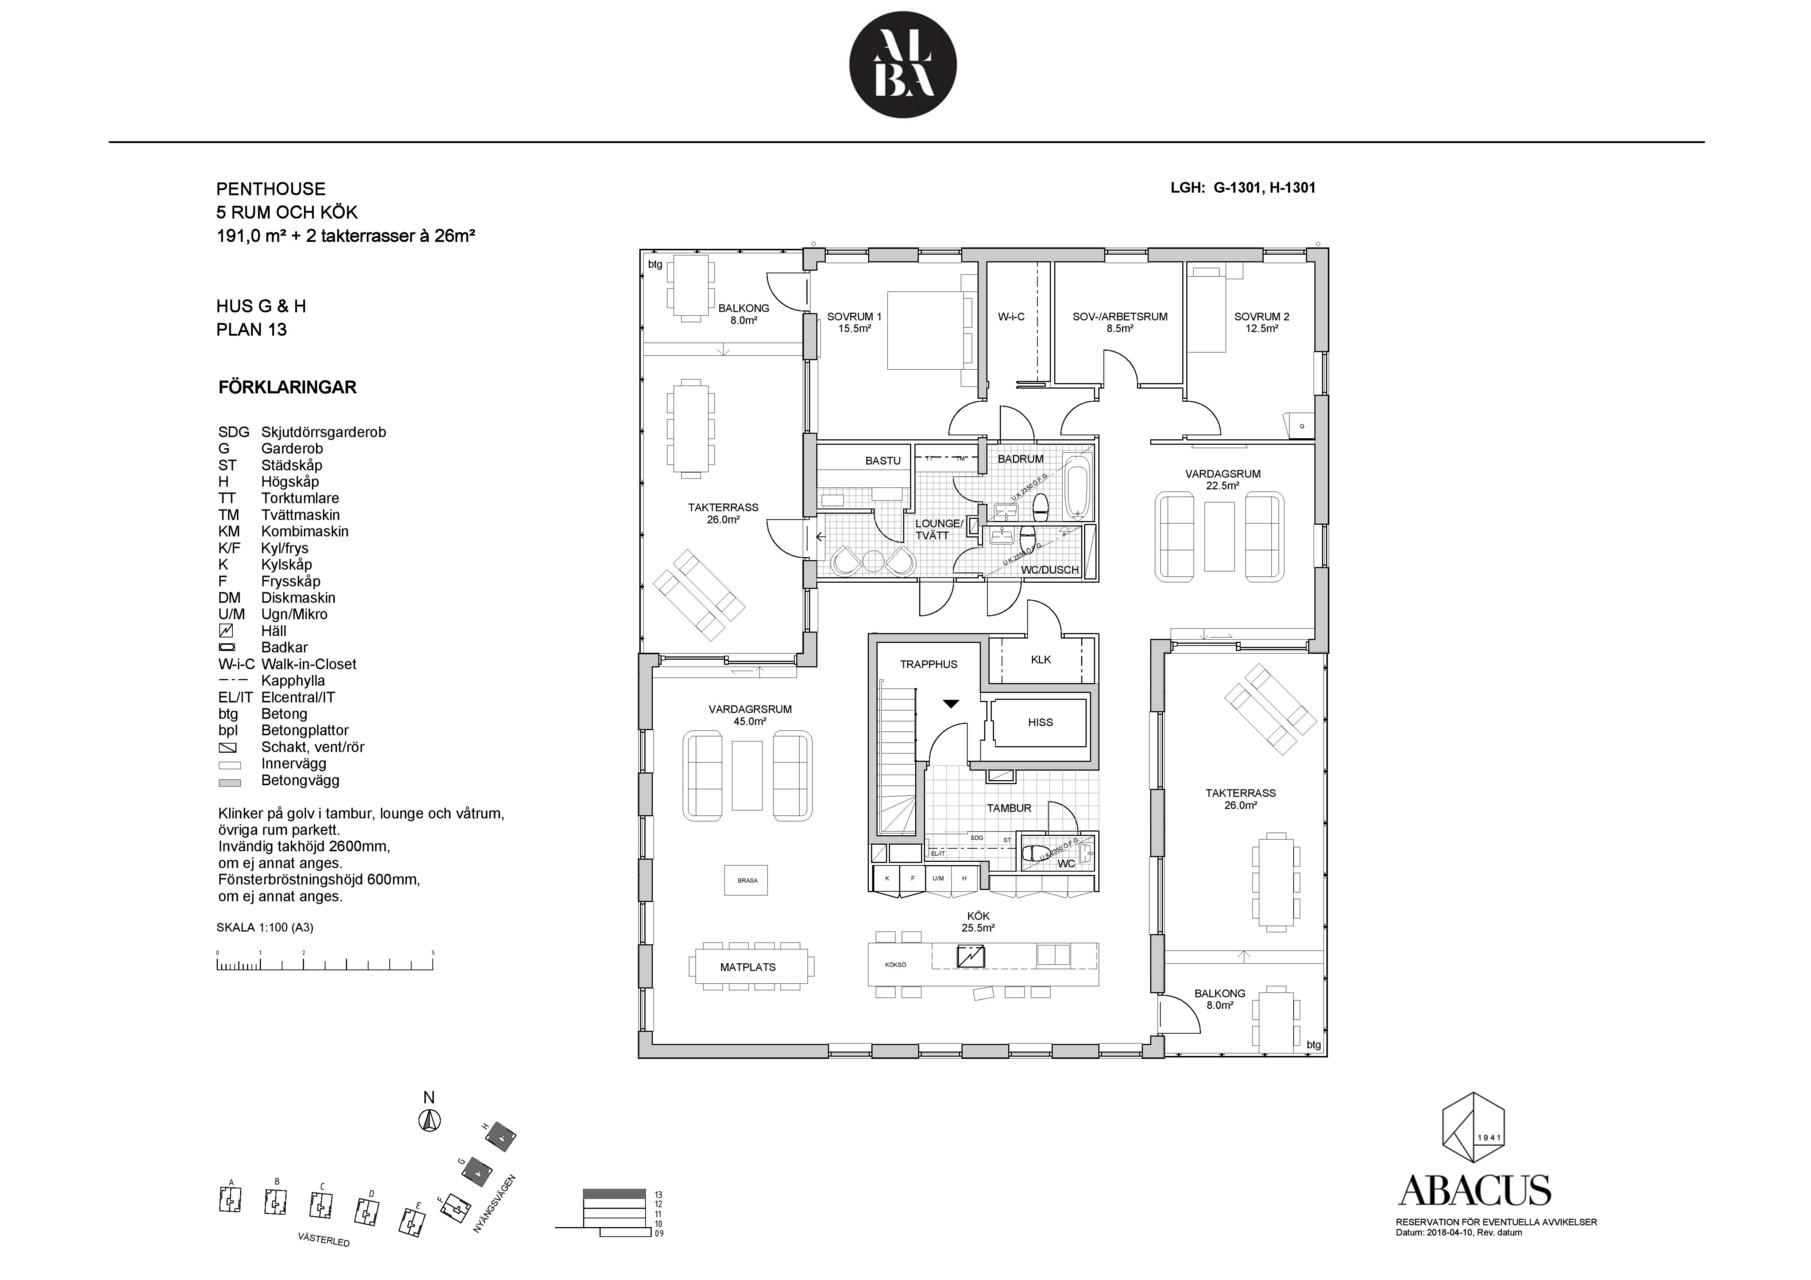 Bofaktablad Alba - G och H plan 13